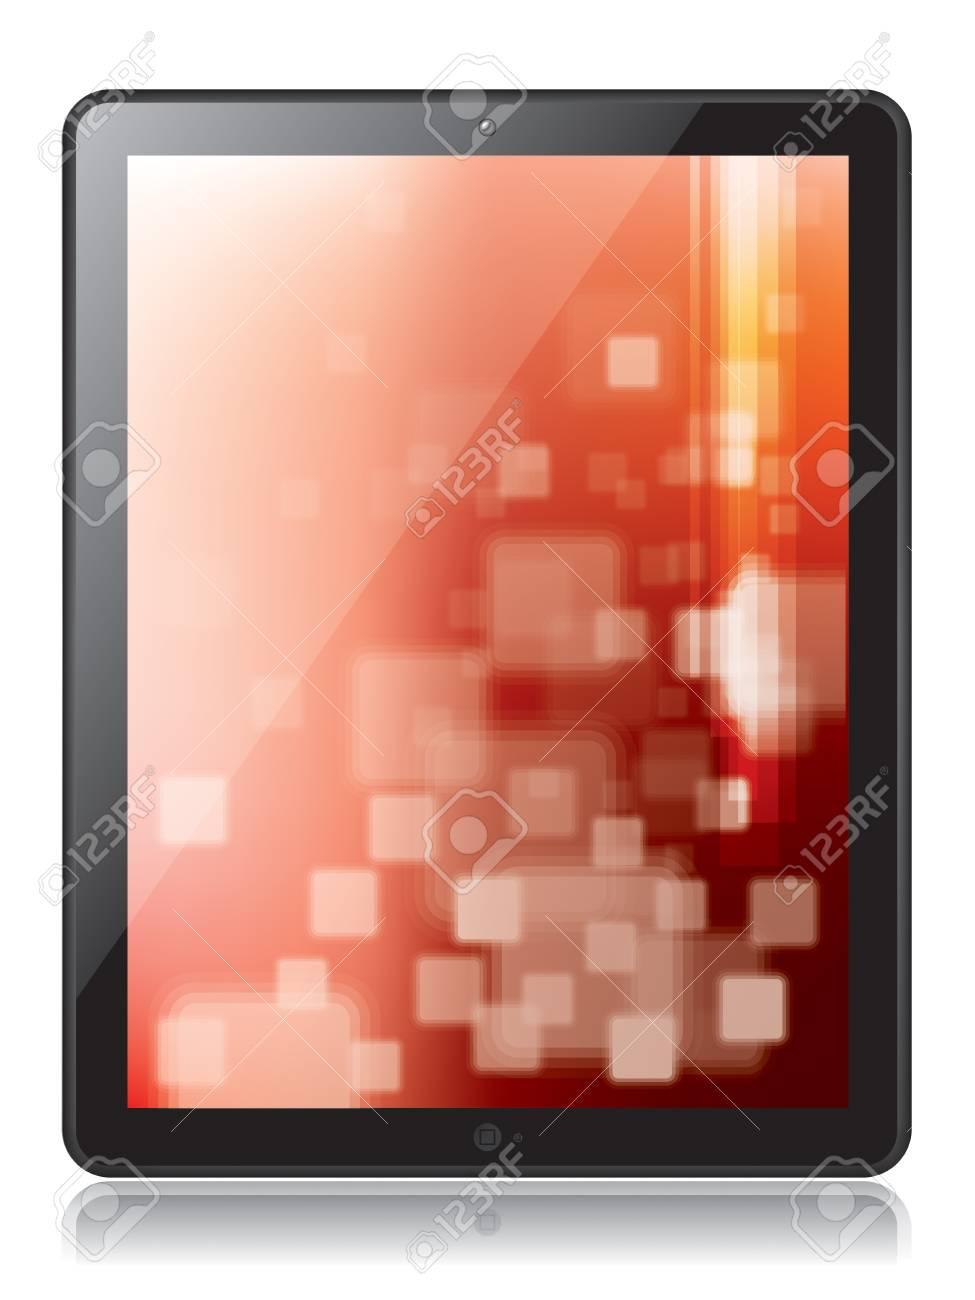 Digital tablet in illustration Stock Vector - 17729230